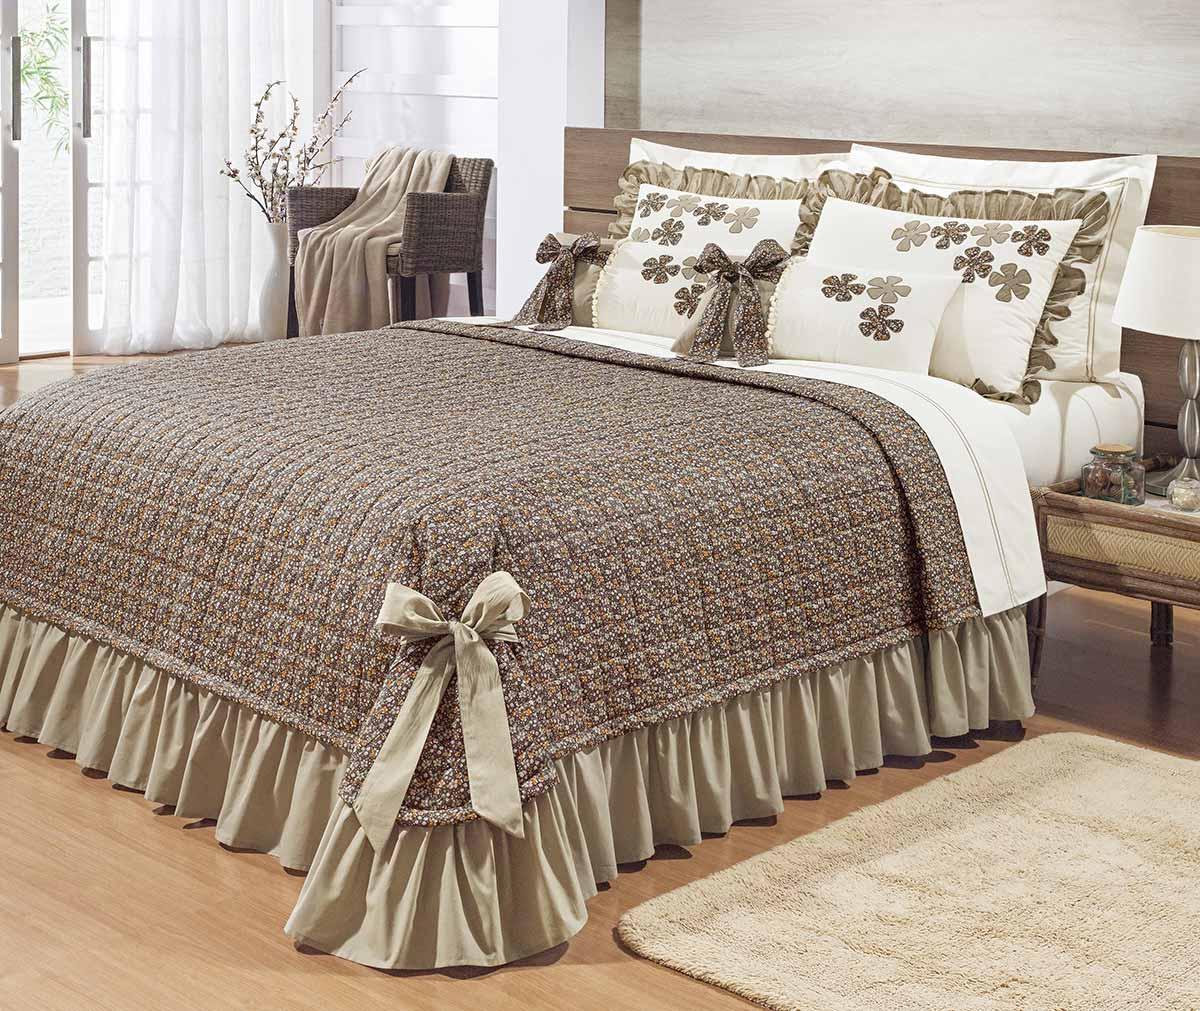 Kit colcha colcha jogo de len ol king kit doce lar 150 fios estampado com 11 pe as casa - Colchas para cama de 150 ...